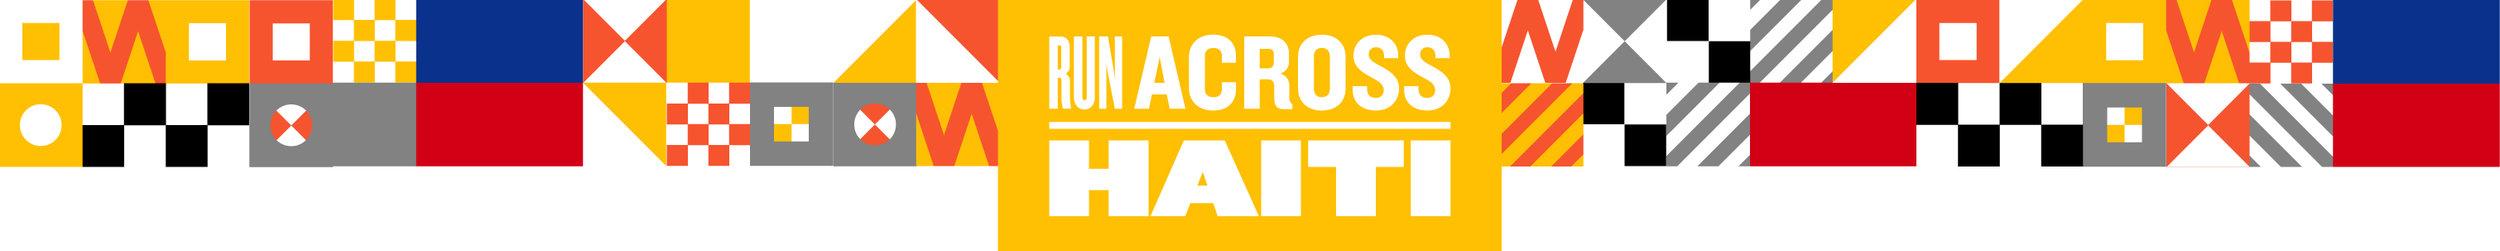 RAH_Newsletter Assets_header logo-01.jpg